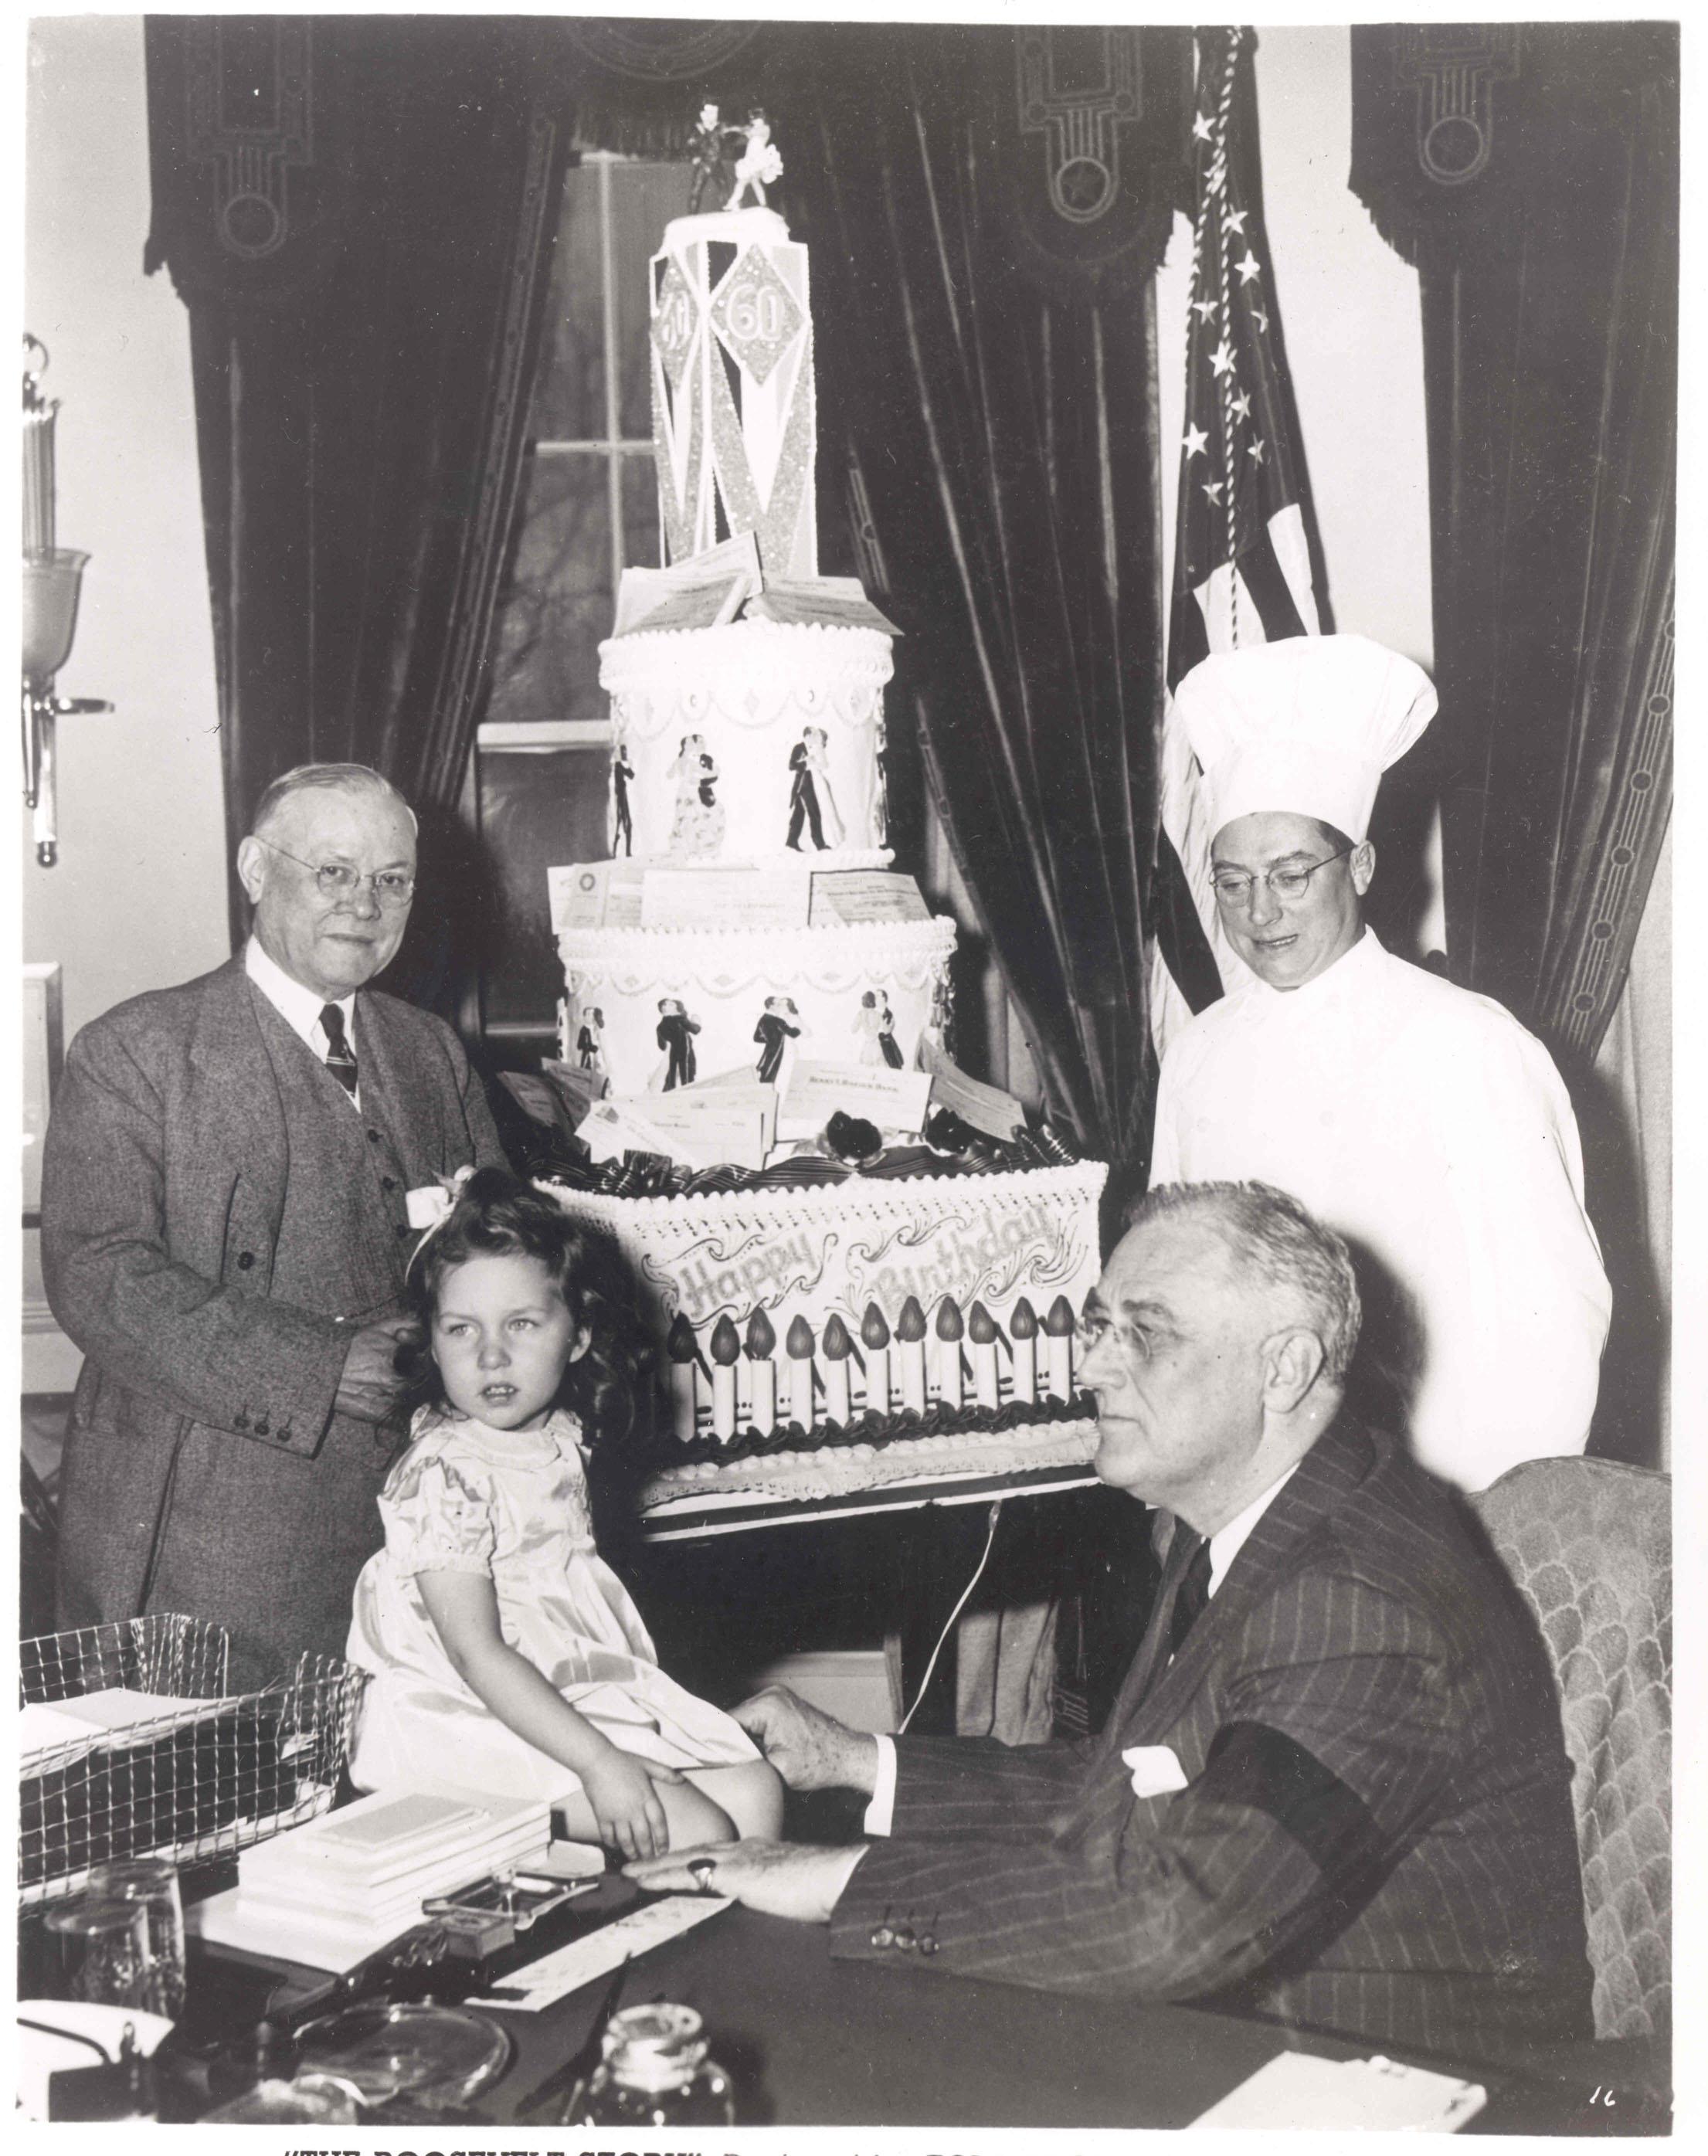 president franklin d roosevelt Franklin d roosevelt (1882-1945) franklin delano roosevelt was born on january 30, 1882 at his parents' estate in hyde park, new york.